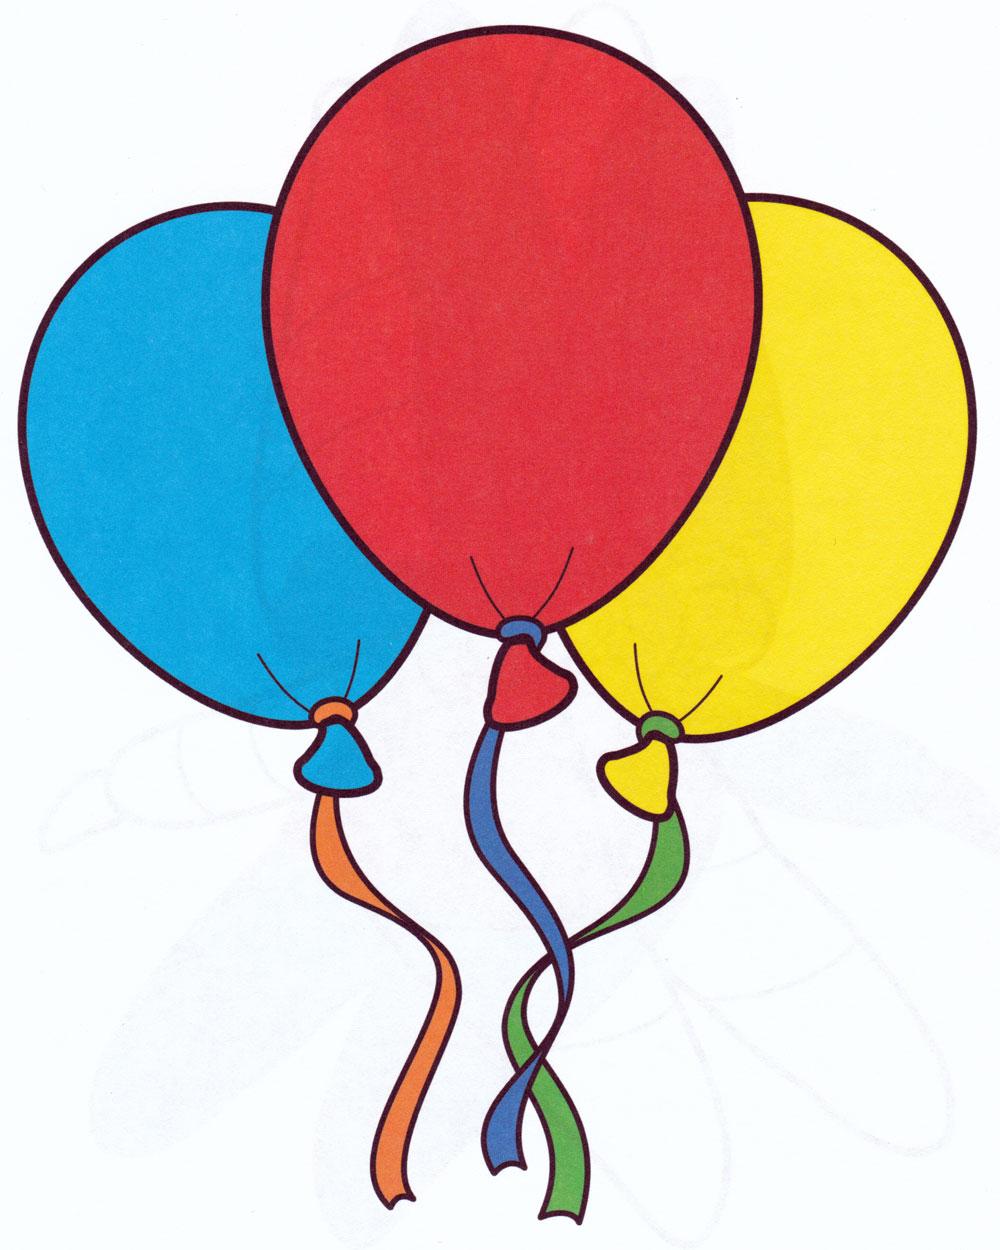 засолить шарики воздушные рисунок шаблон украсит тротуар